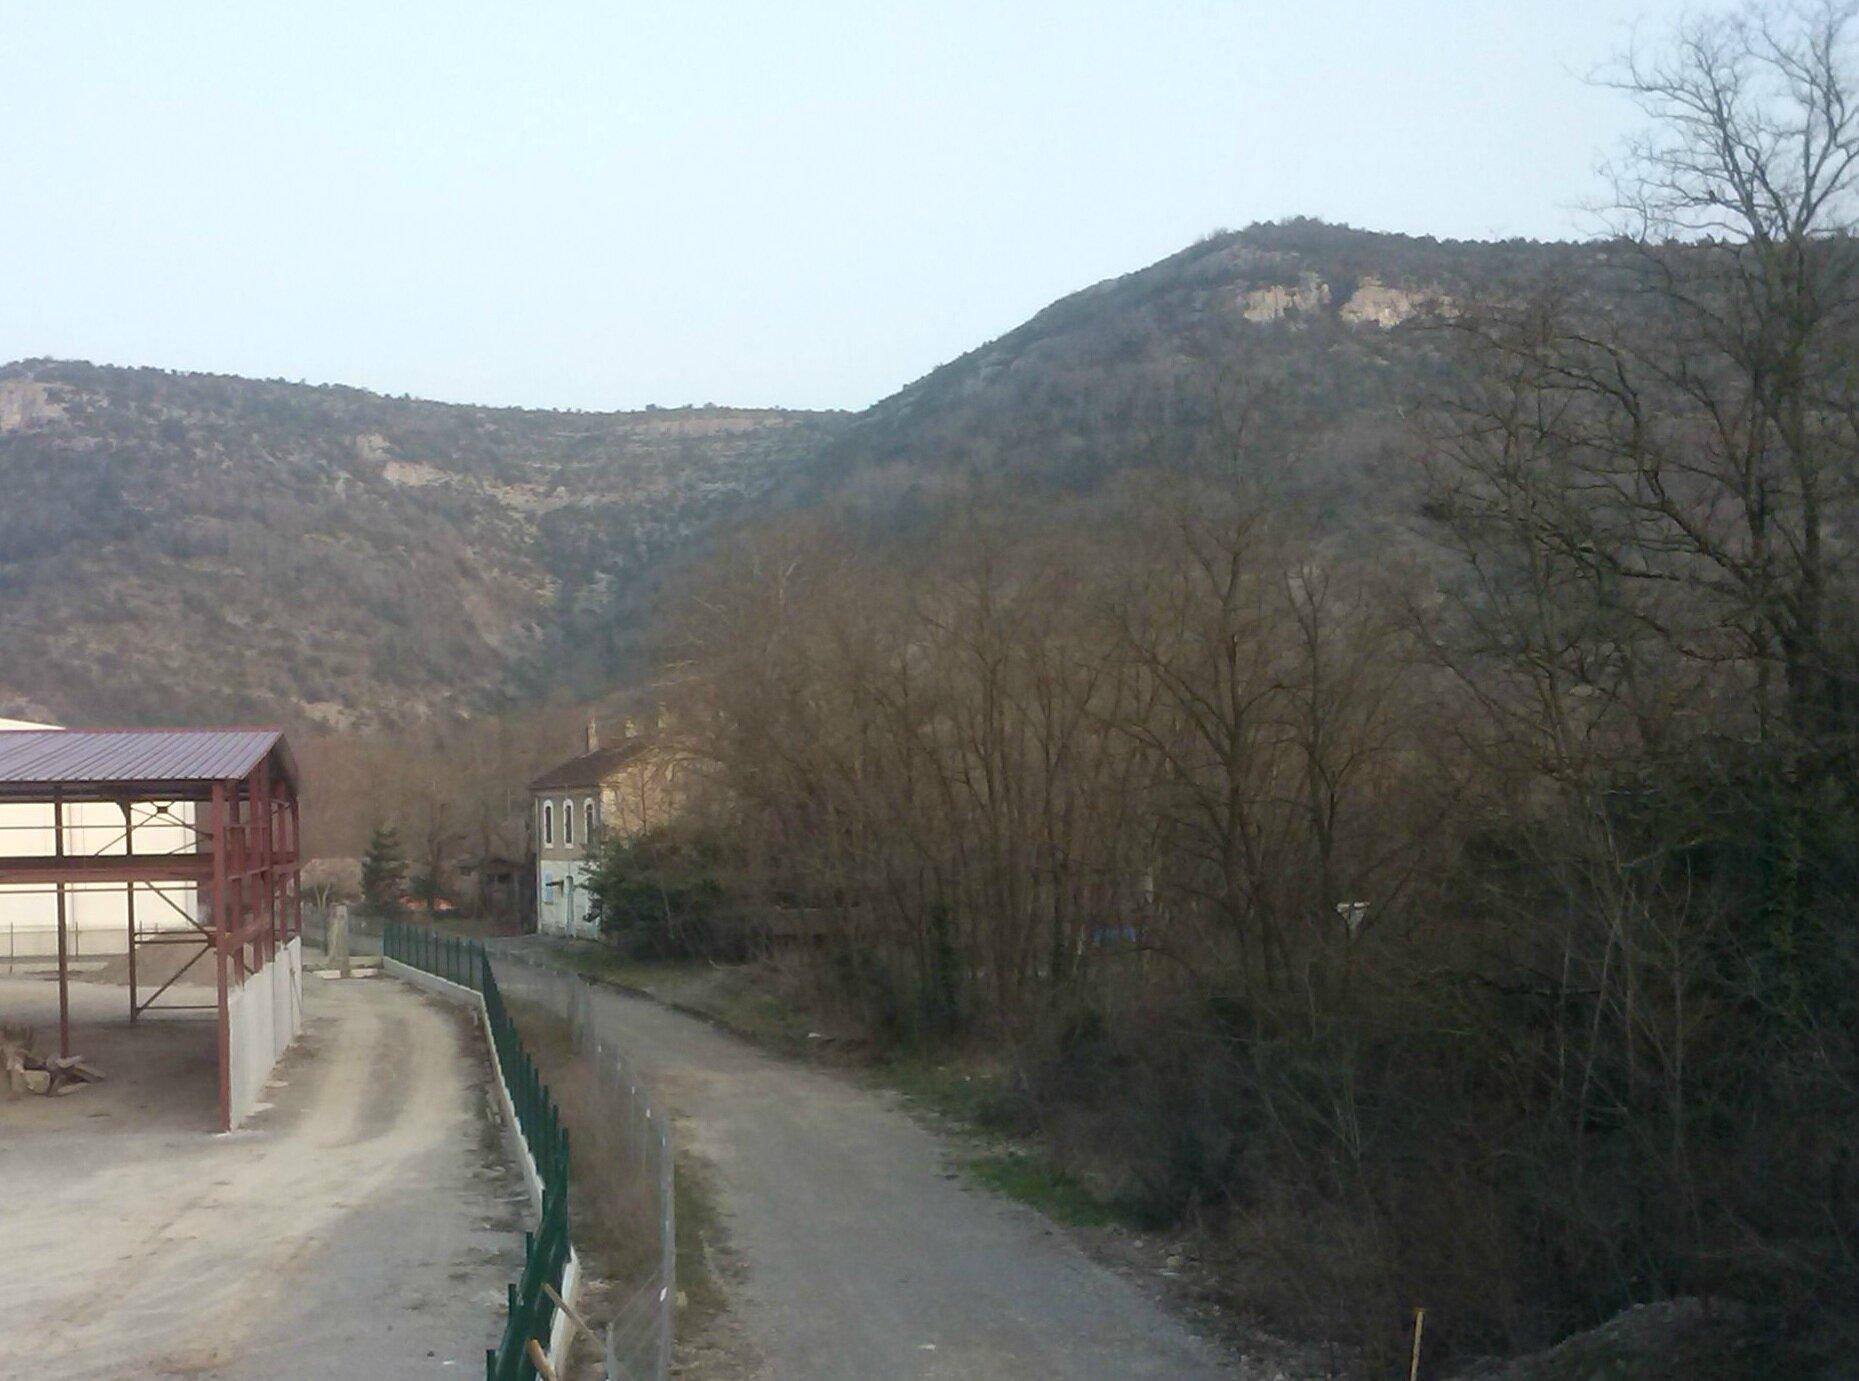 Uzer - Joyeuse (Ardèche)